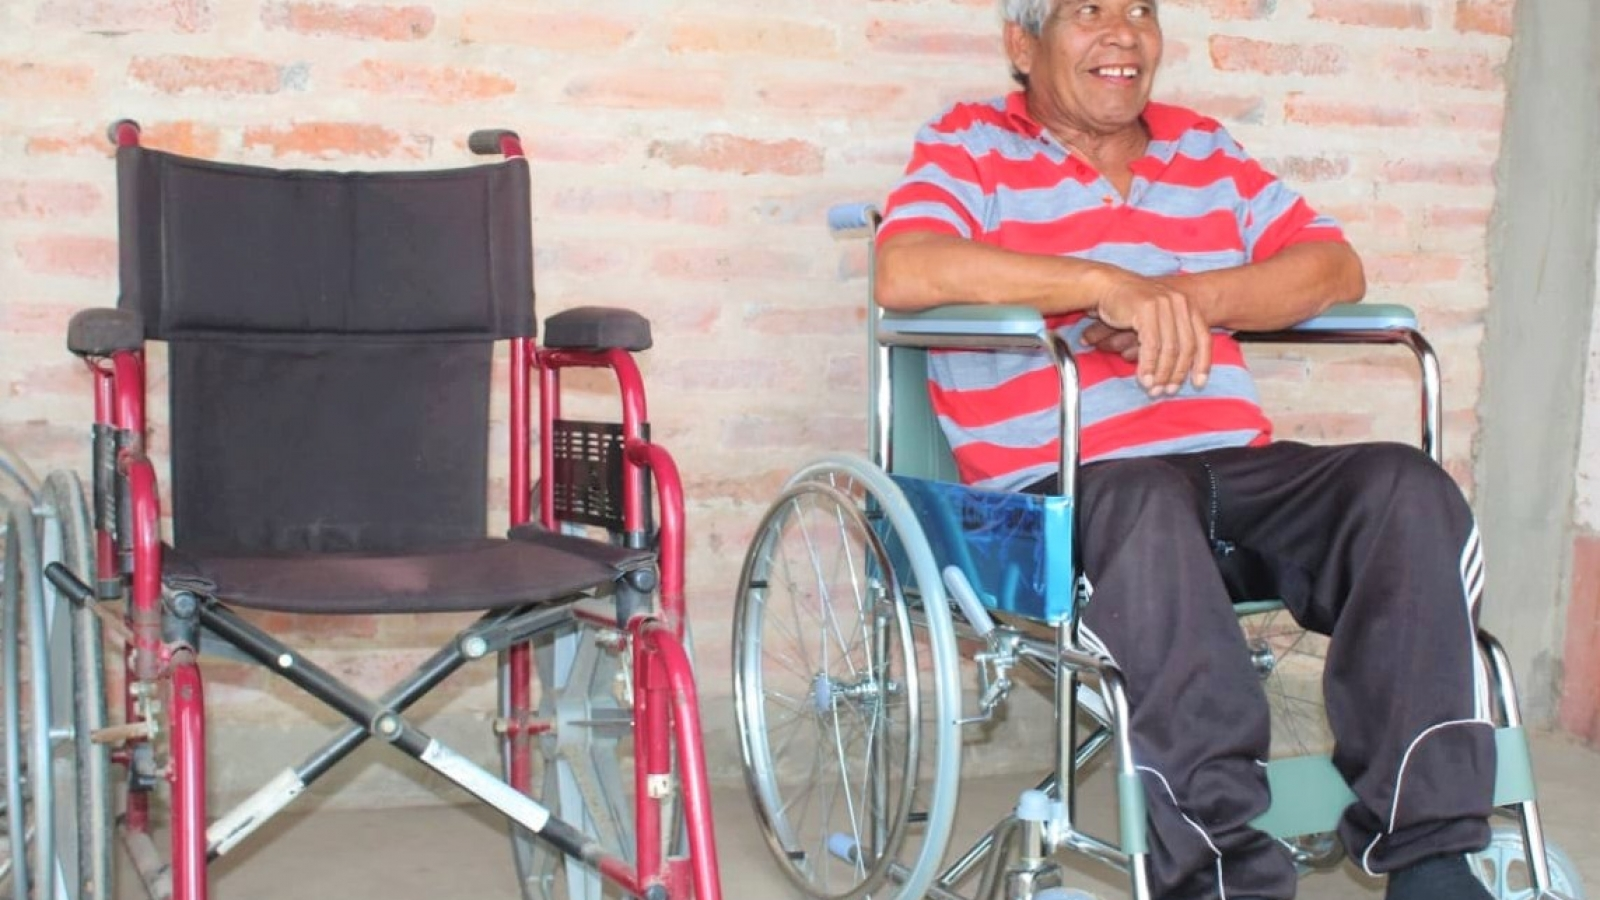 Persona con discapacidad sentada en su nueva silla de ruedas